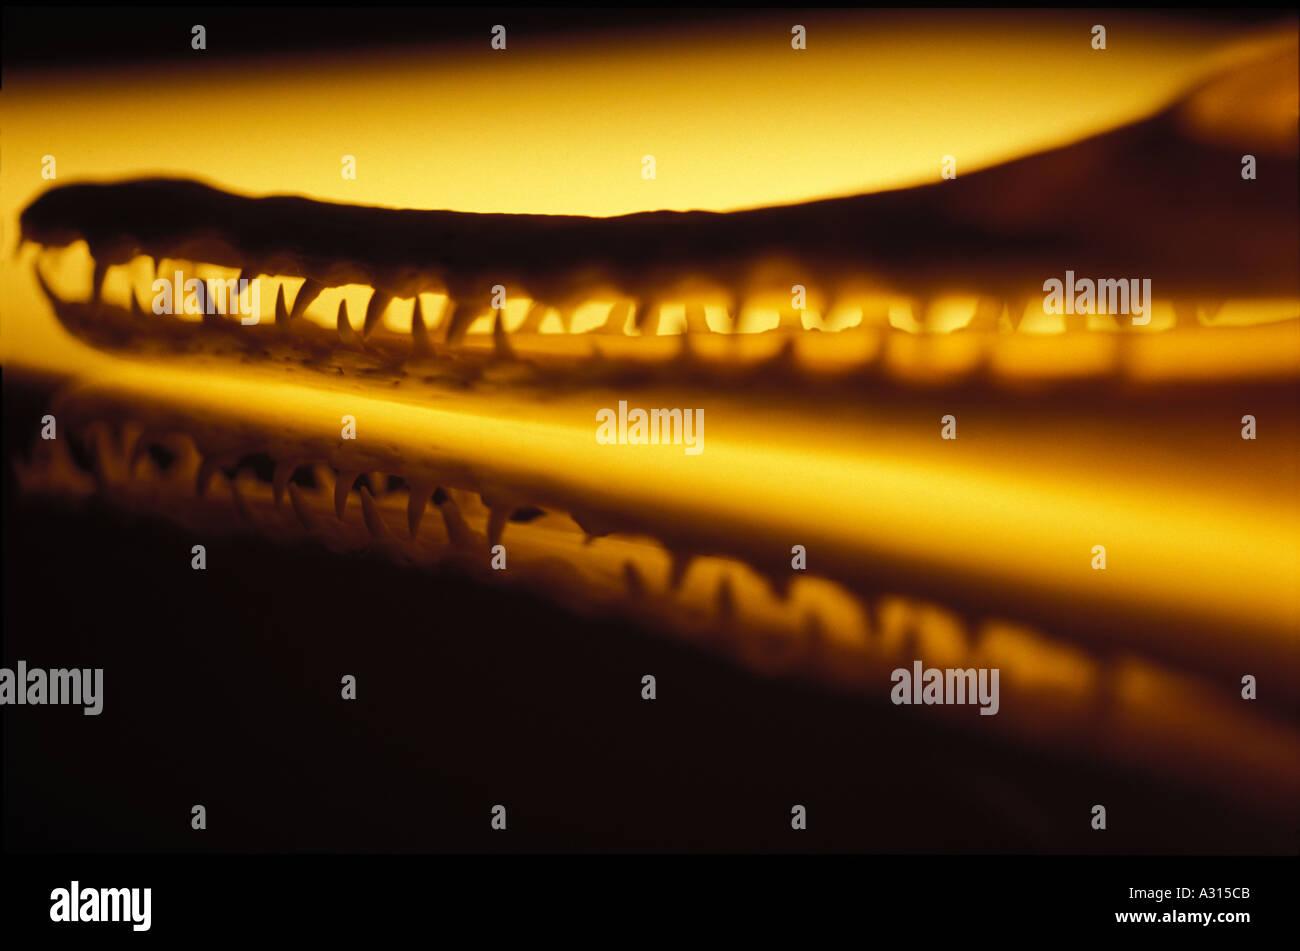 Mandíbulas de cocodrilo 0038 Imagen De Stock